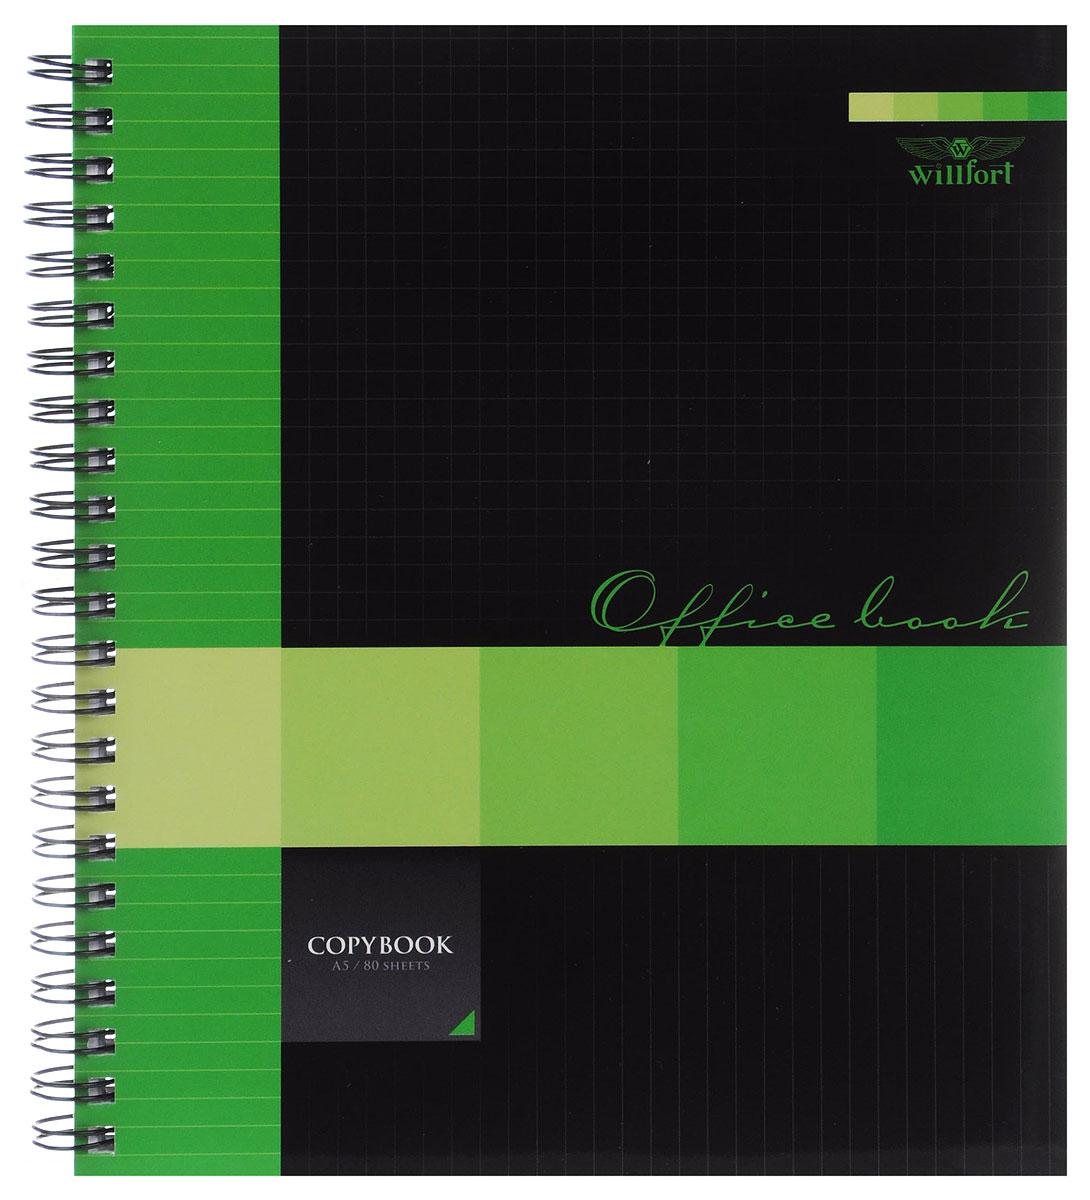 Hatber Тетрадь Office Book 80 листов в клетку цвет черный зеленый80Т5A1гр_12229Тетрадь Hatber Office Book подойдет как школьнику, так и студенту. Обложка, выполненная из плотного картона, позволит сохранить тетрадь в аккуратном состоянии на протяжении всего времени использования. Внутренний блок тетради, соединенный металлическим гребнем, состоит из 80 листов белой бумаги в серую клетку без полей.